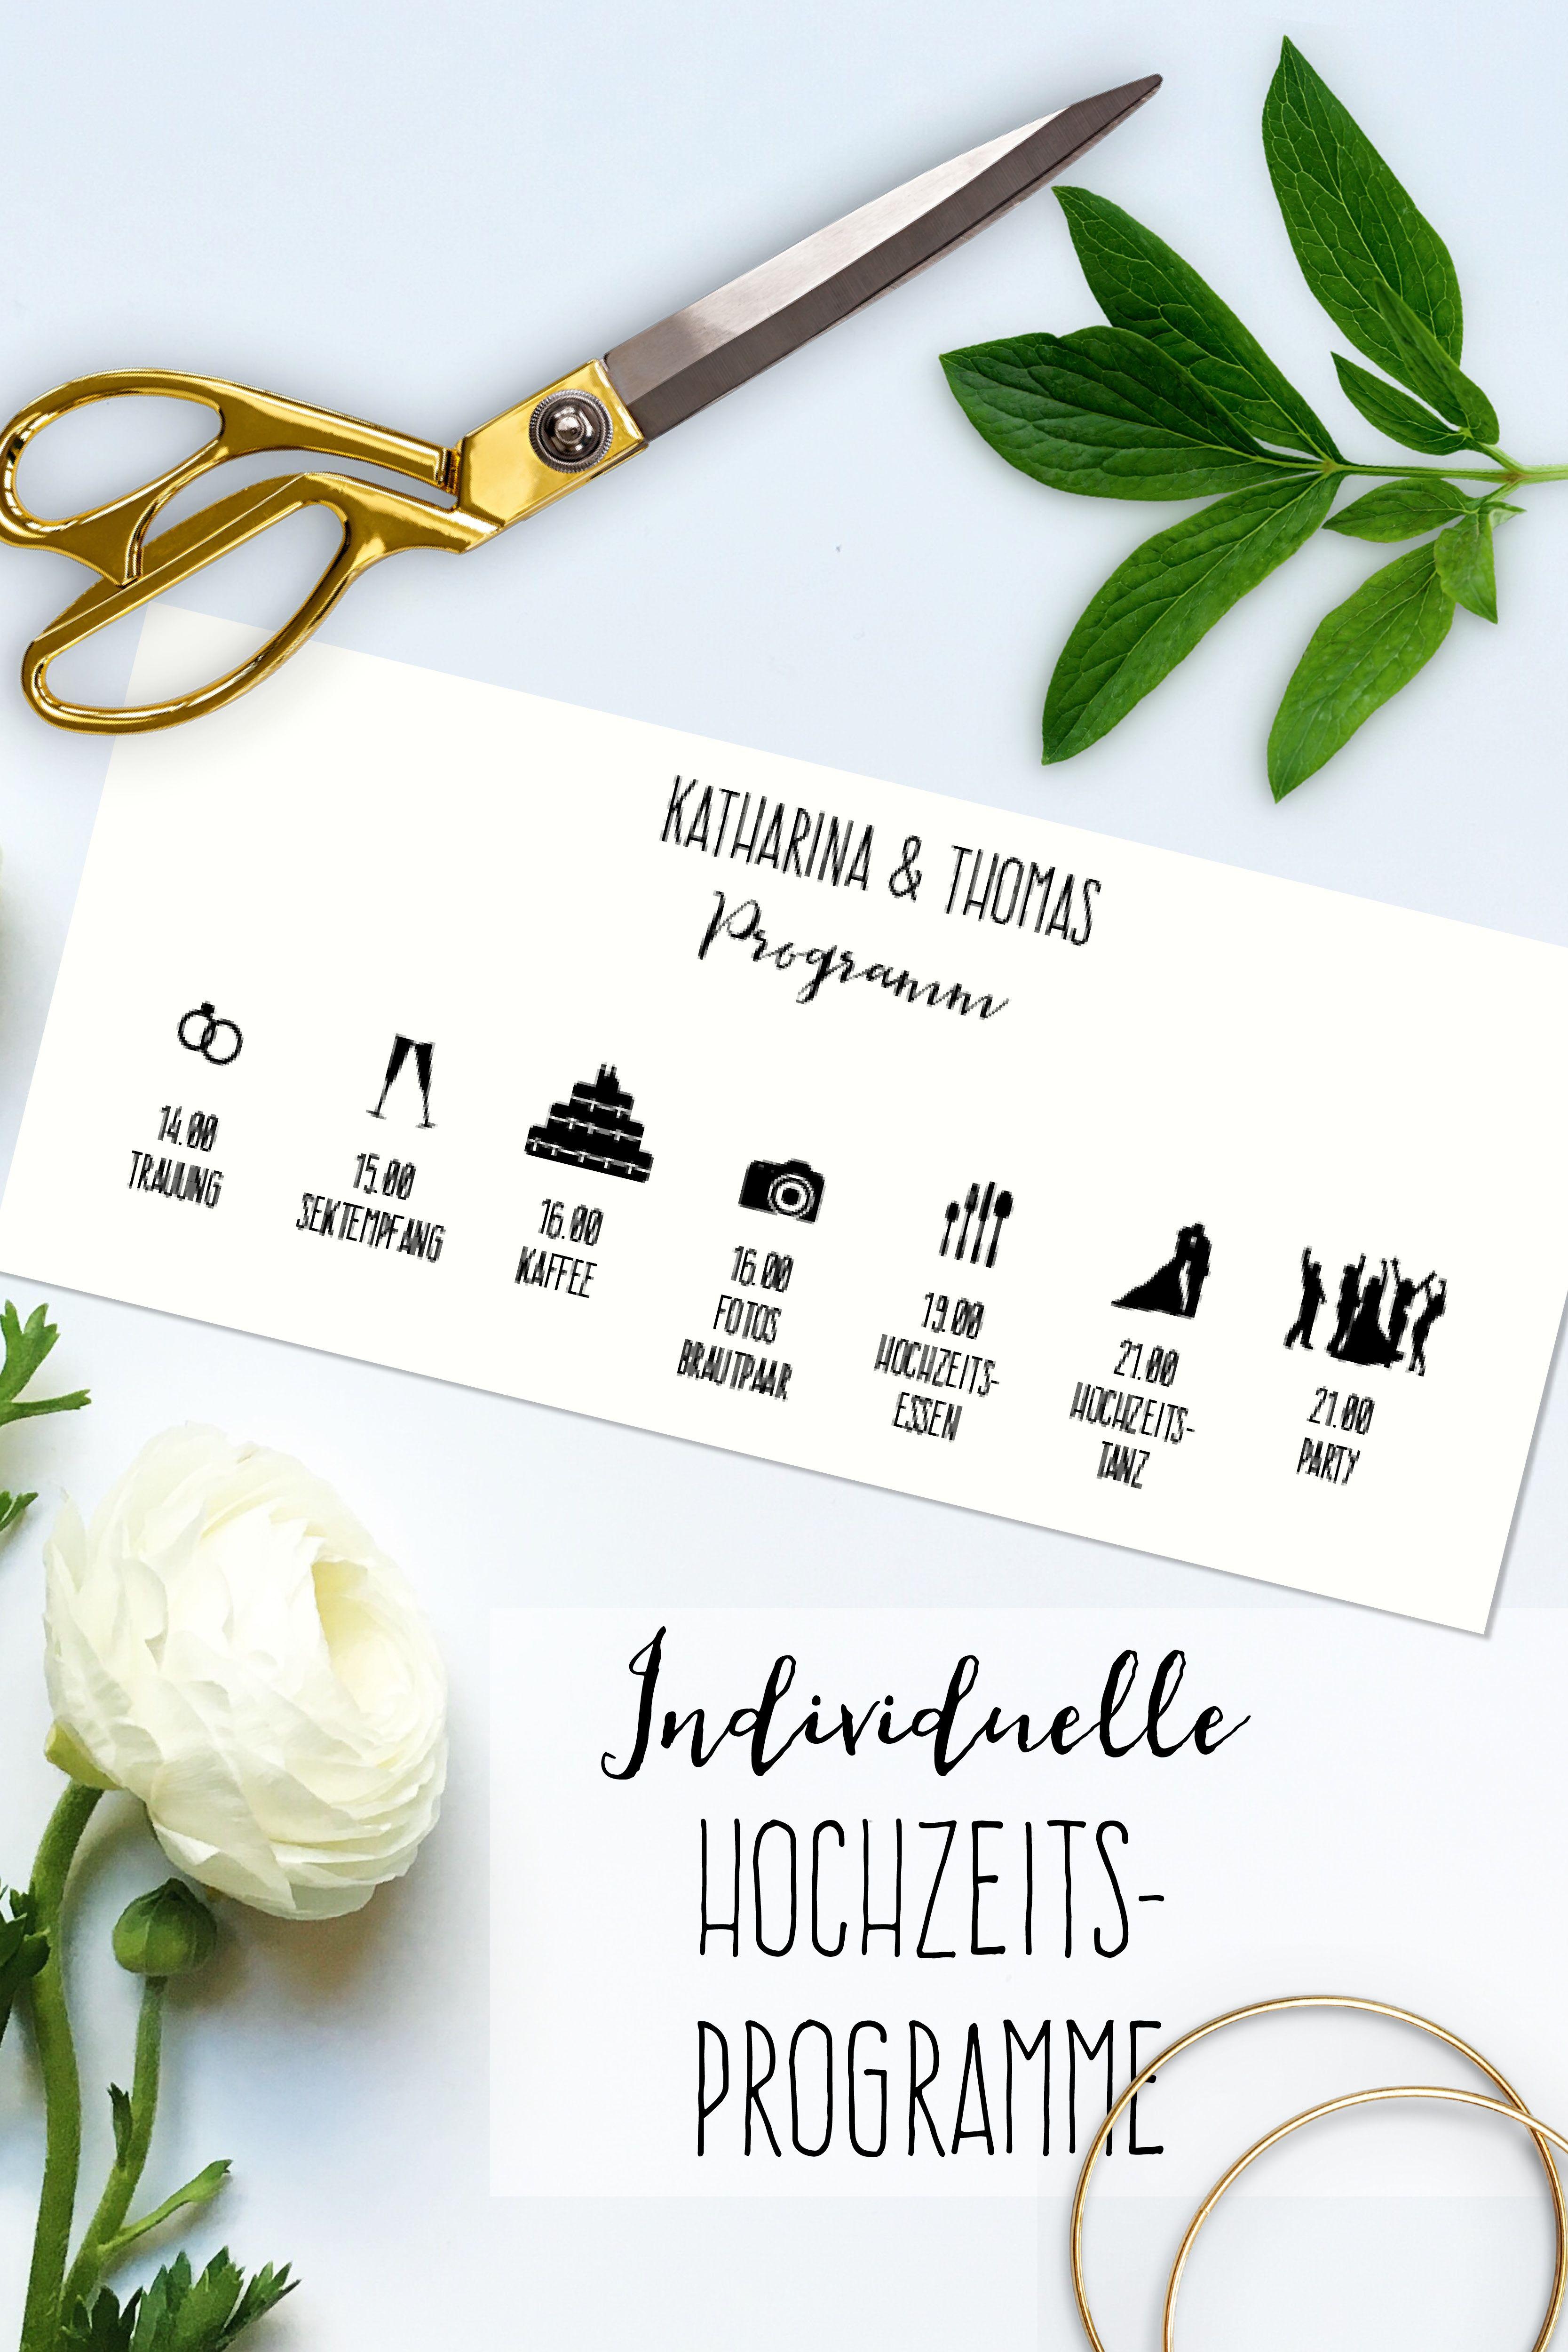 10 Hochzeitsprogramme mit eurem Ablaufplan | Gute stimmung, Stimmung ...